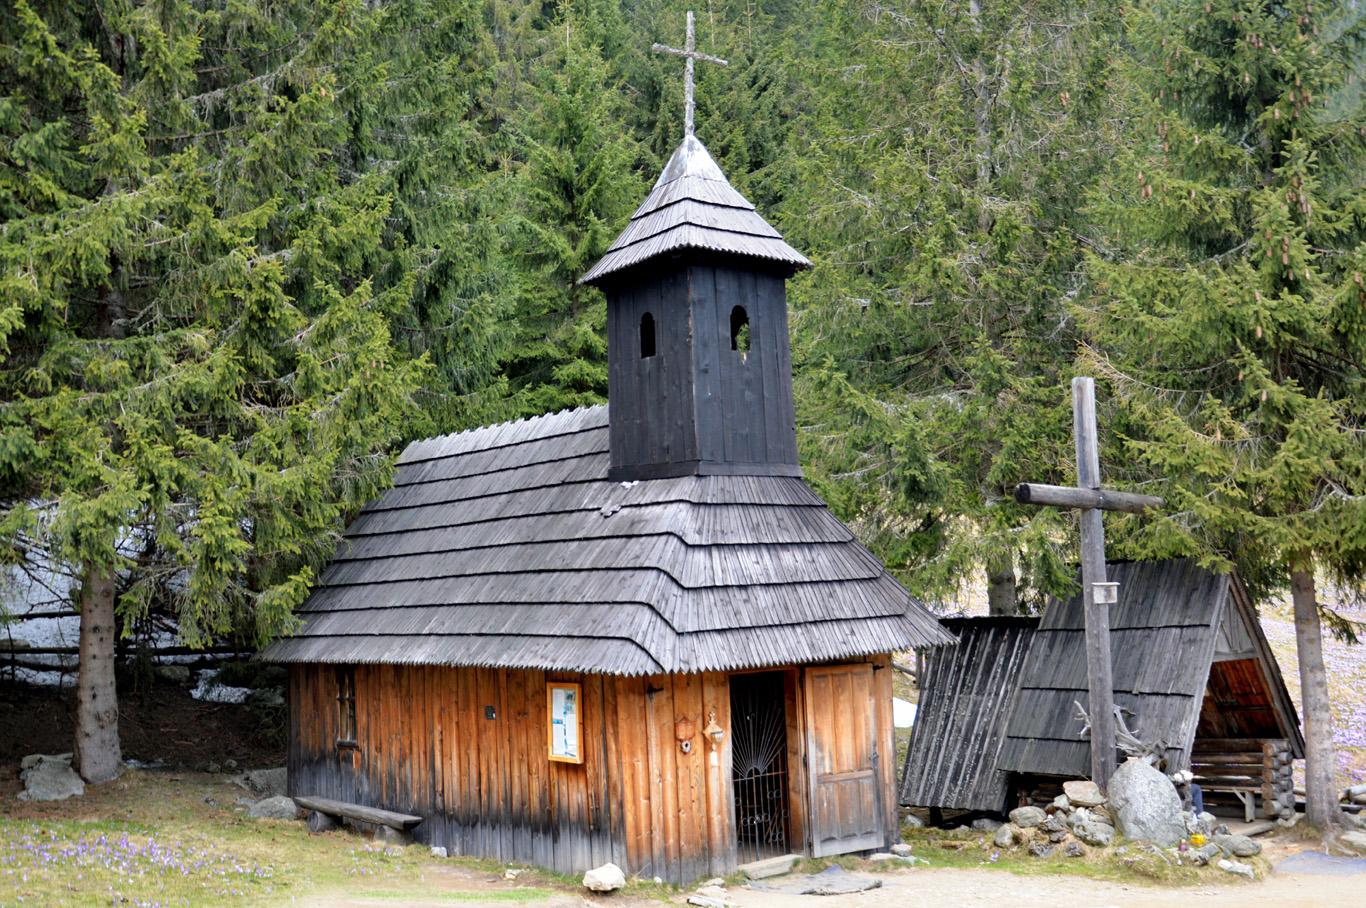 A wooden chapel at Chocholowska Valley